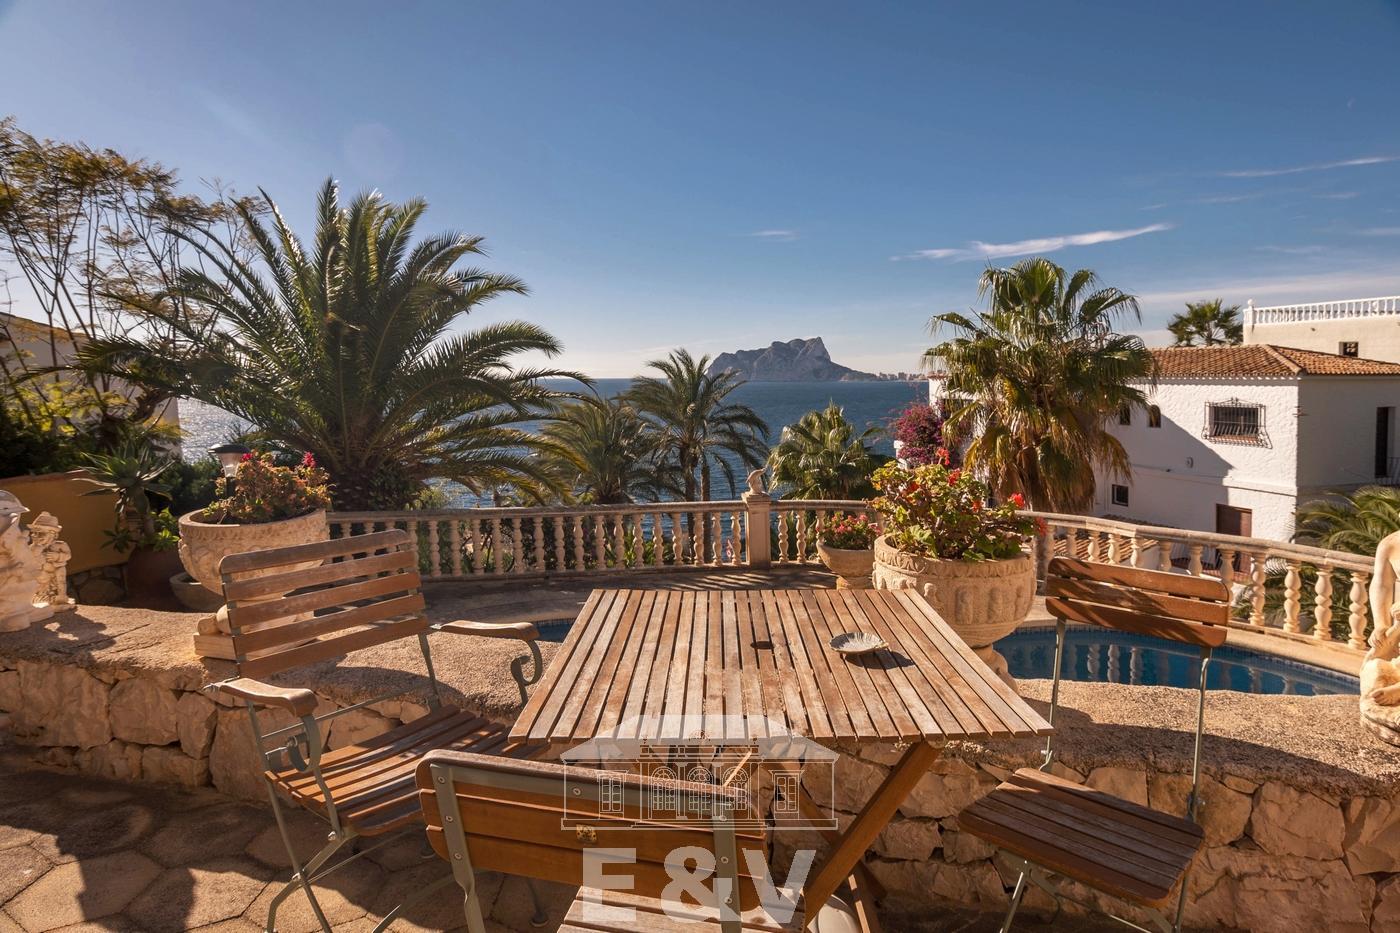 69151158 2340733 foto 677501 - Moraira, un paraíso mediterráneo del que podrás disfrutar al máximo con esta fantástica villa